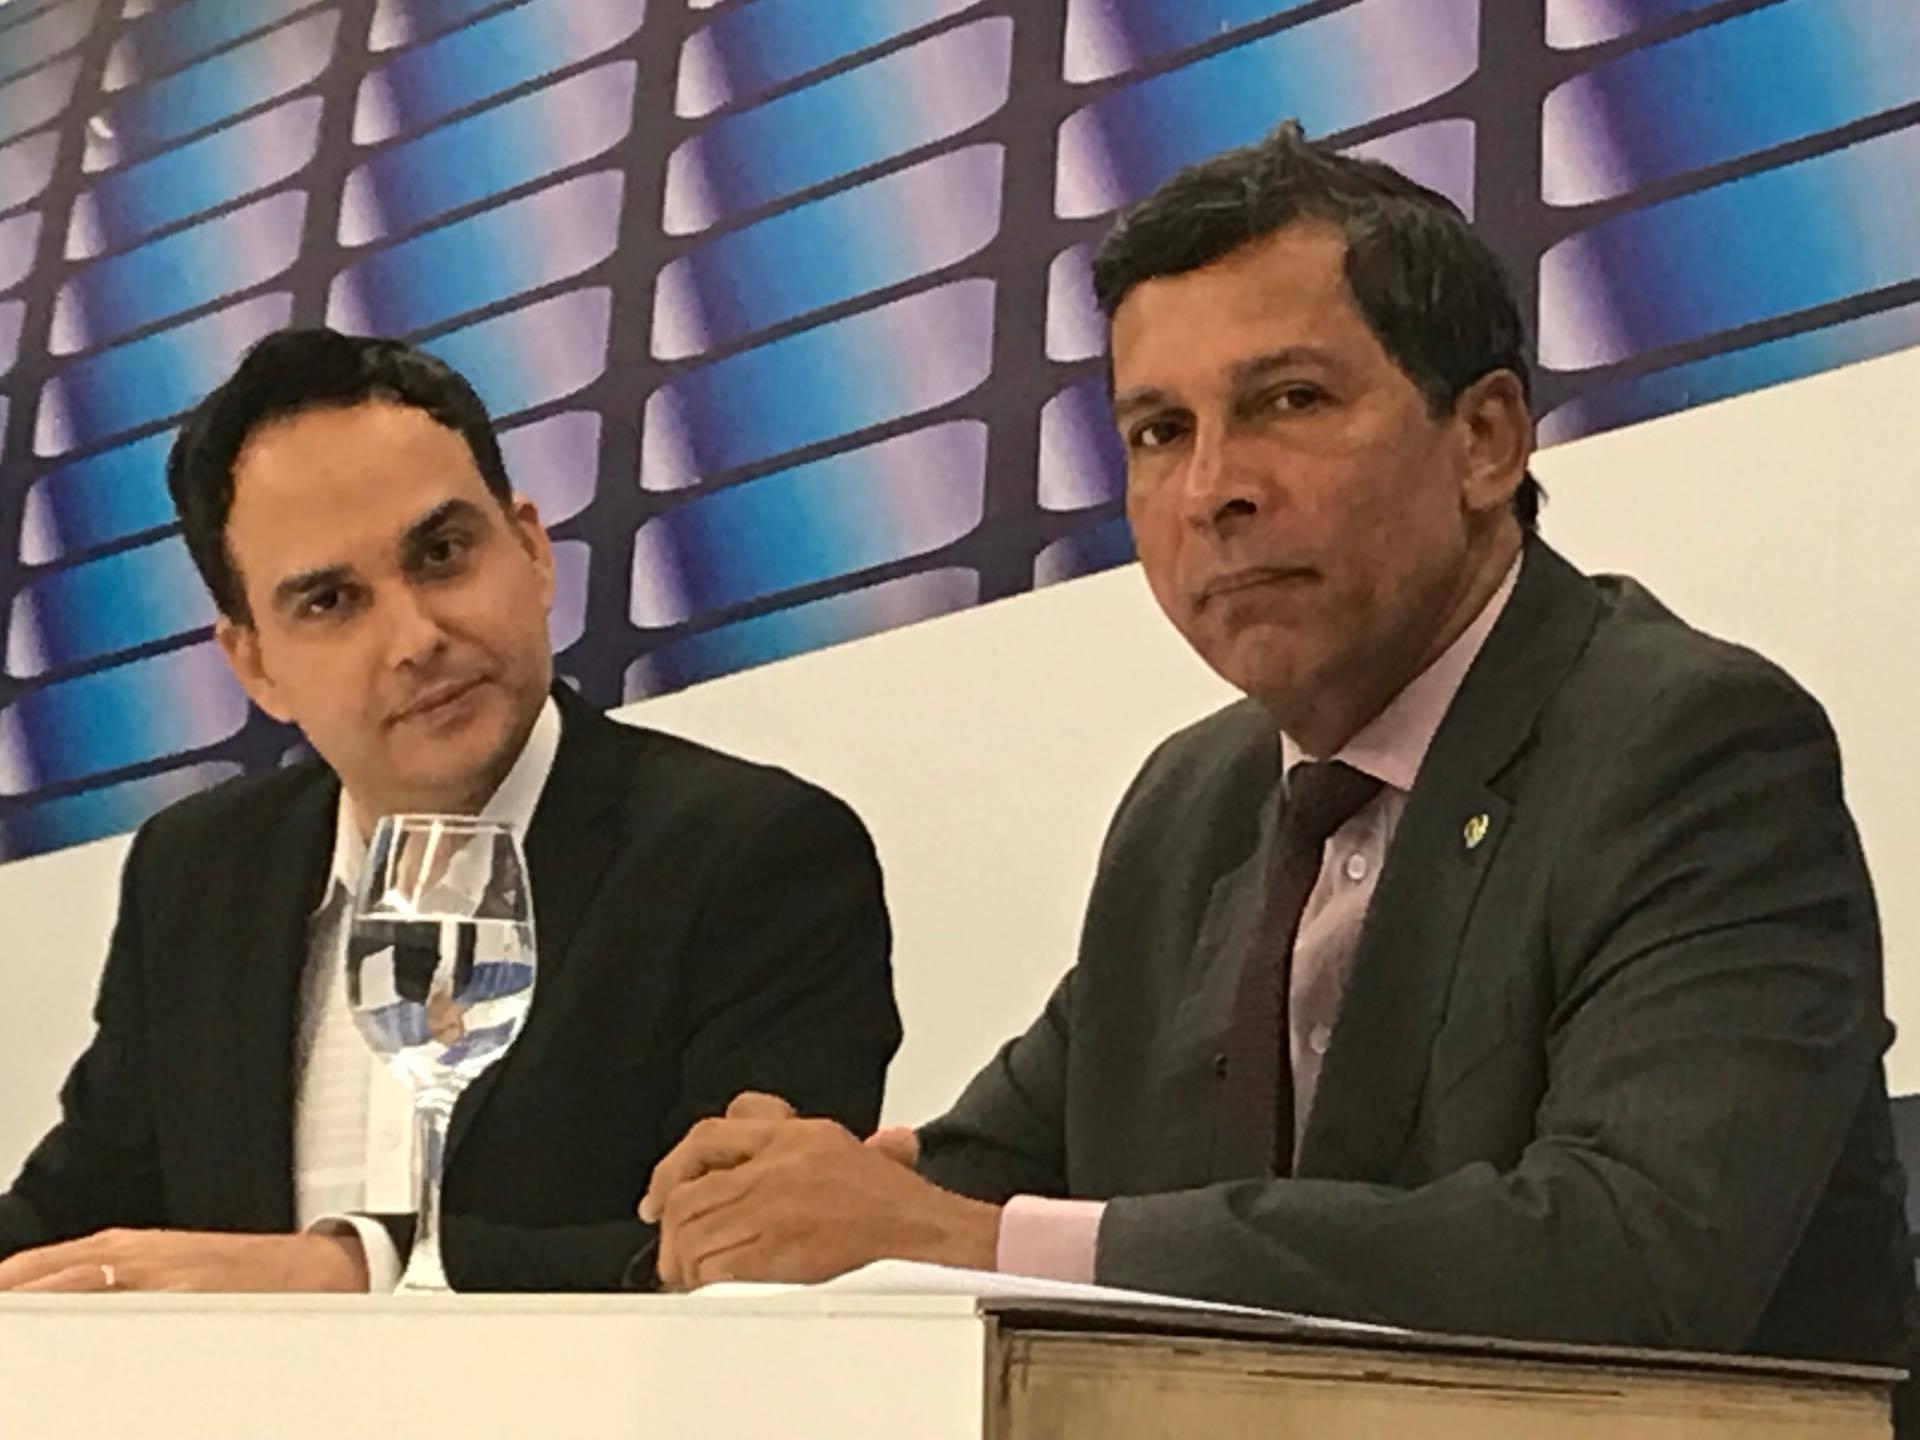 24167610 1640249452697881 1130299887 o - INCONGRUÊNCIAS: Ricardo Barbosa critica conselheiros do TCE e insinua que alguns 'pedem voto' para parentes - VEJA VÍDEOS